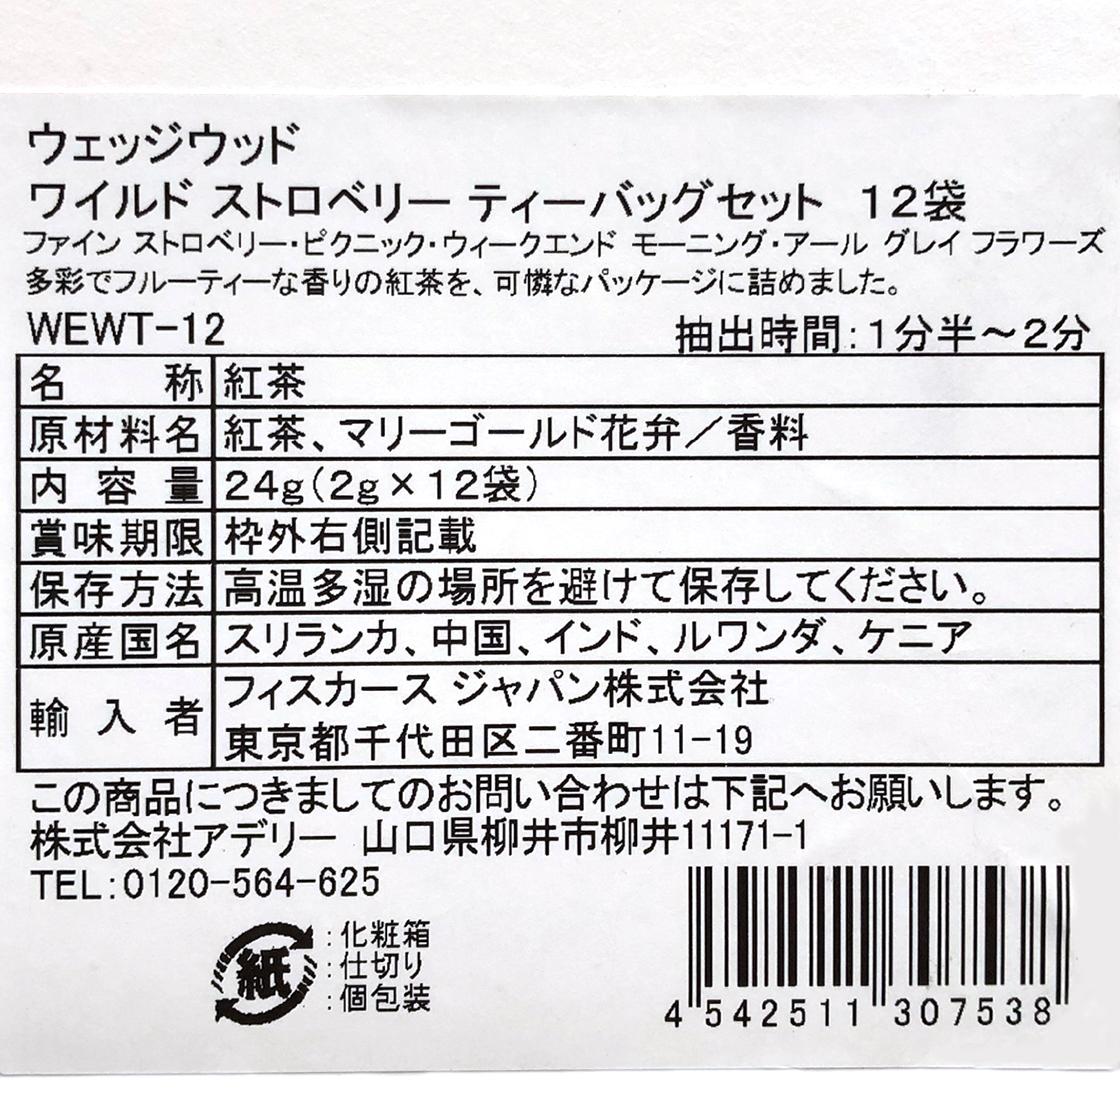 ゆらぎタンブラー/M 5個セット[プラキラ]+焼き菓子+紅茶 39